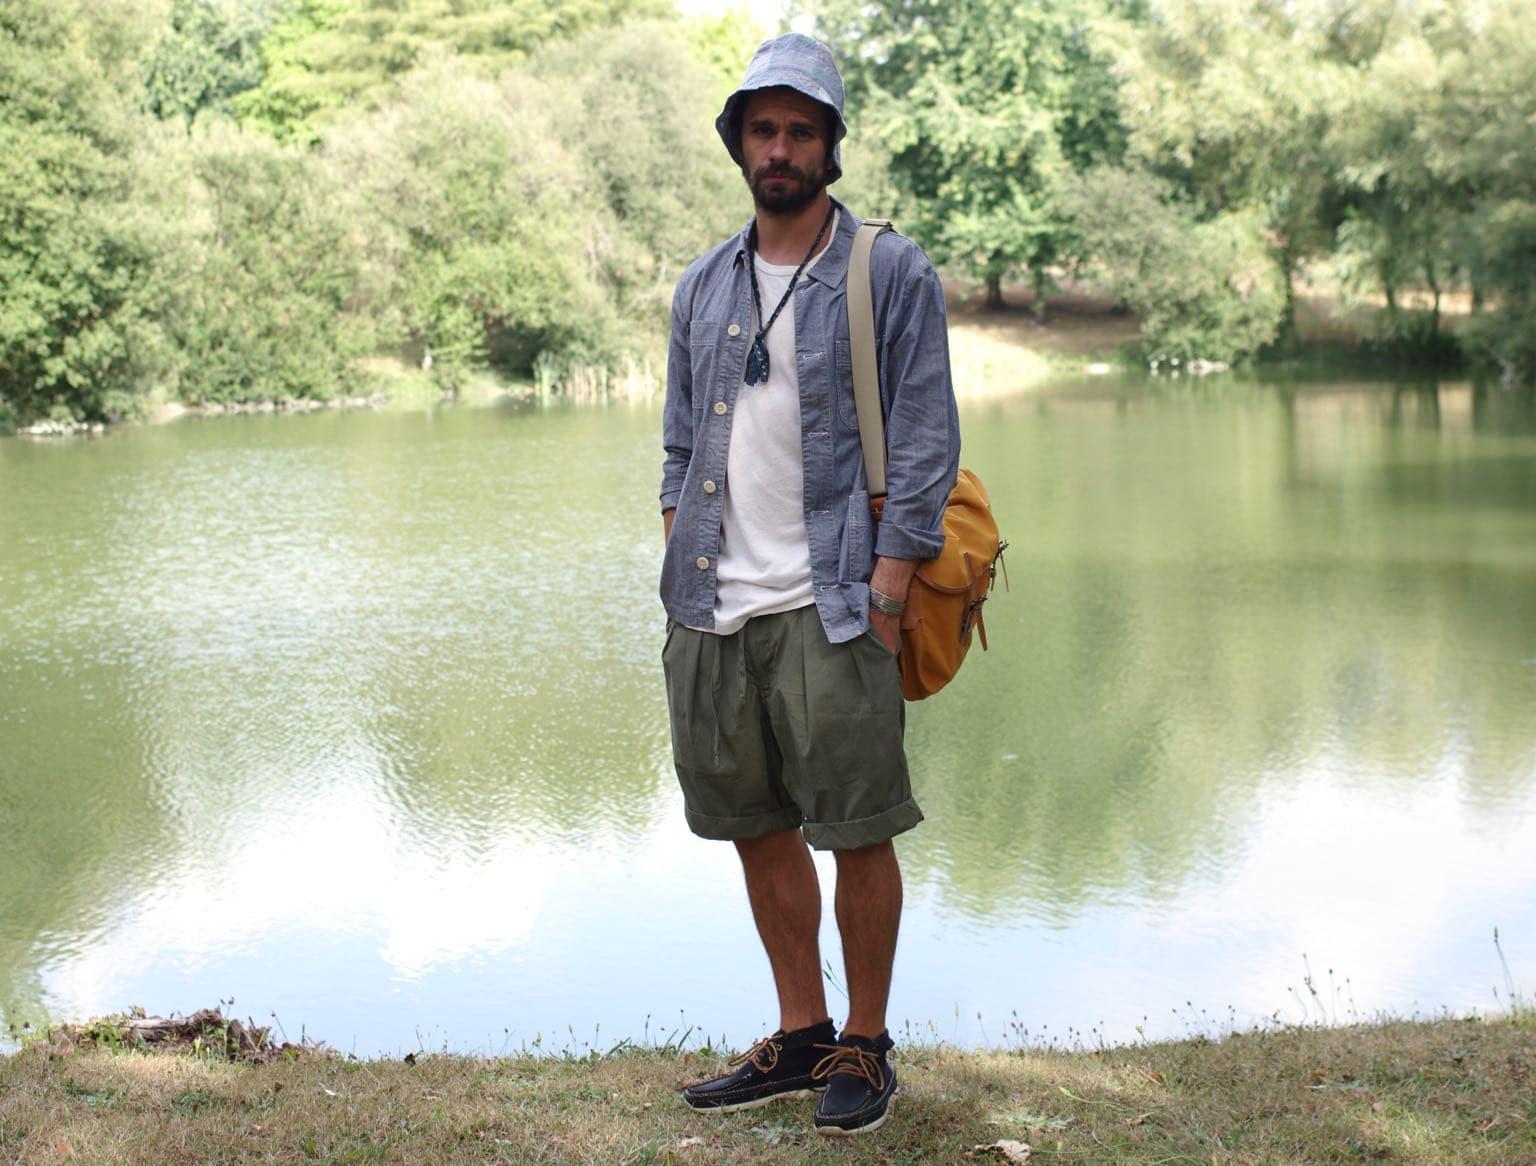 comment porter un bob style workwear été - bleu de chauffe musette du pêcheur